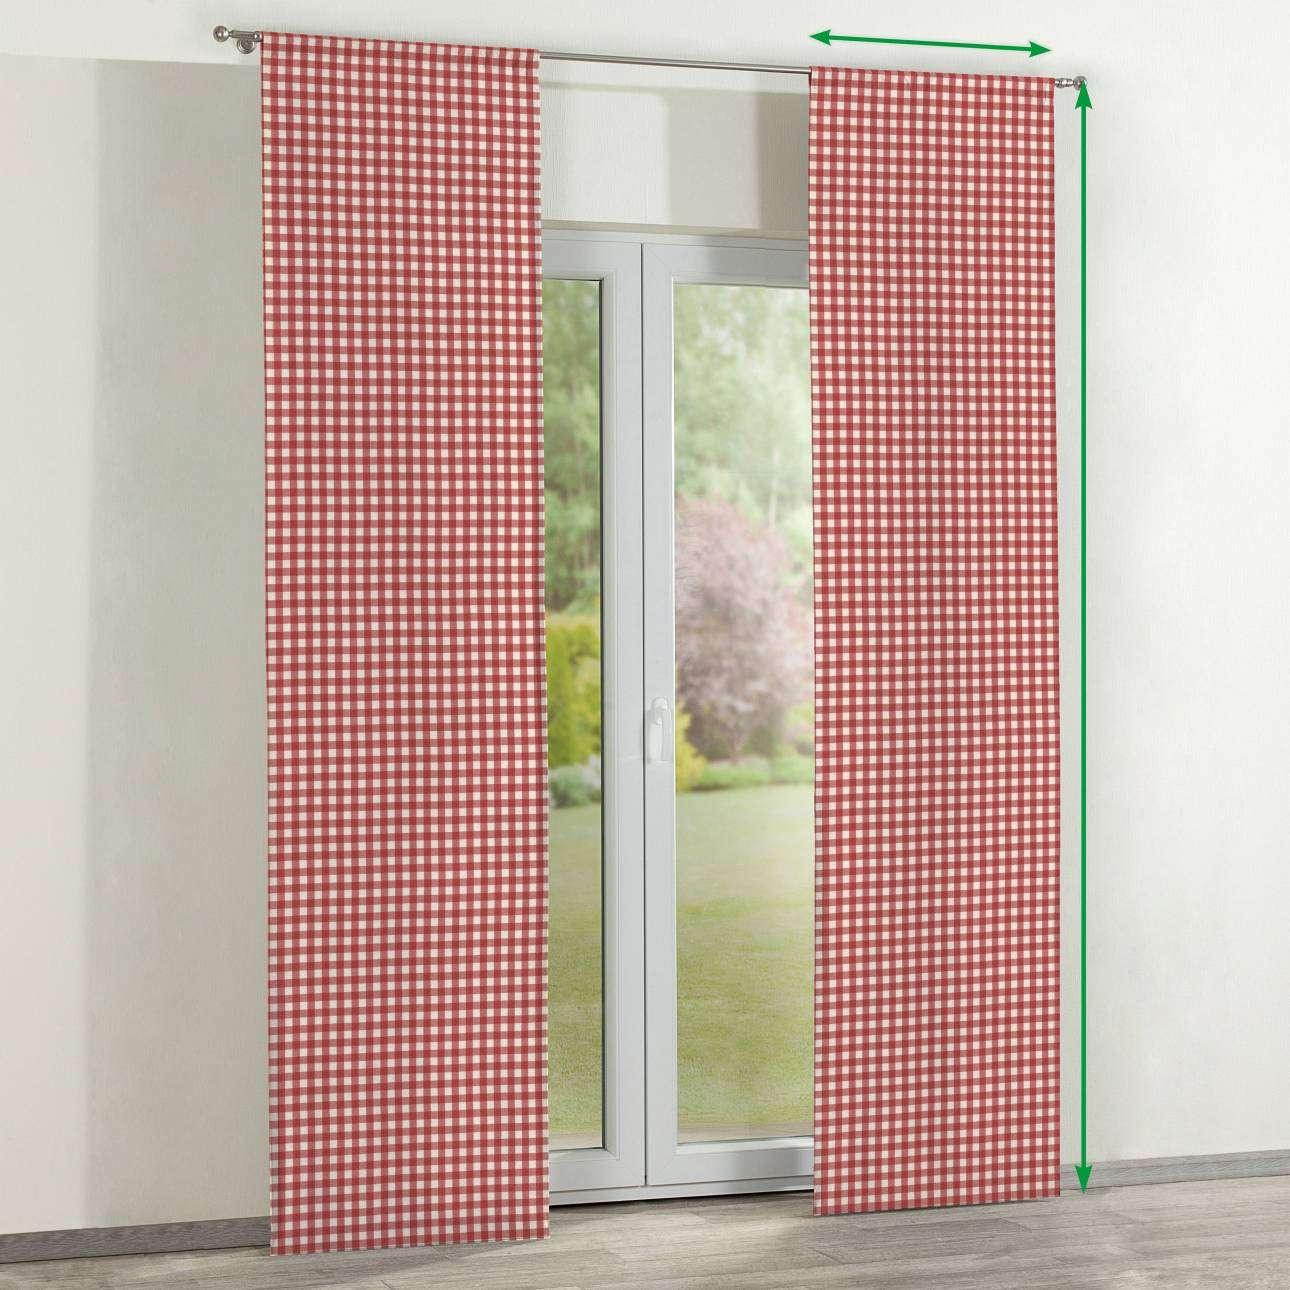 Zasłony panelowe 2 szt. w kolekcji Quadro, tkanina: 136-16